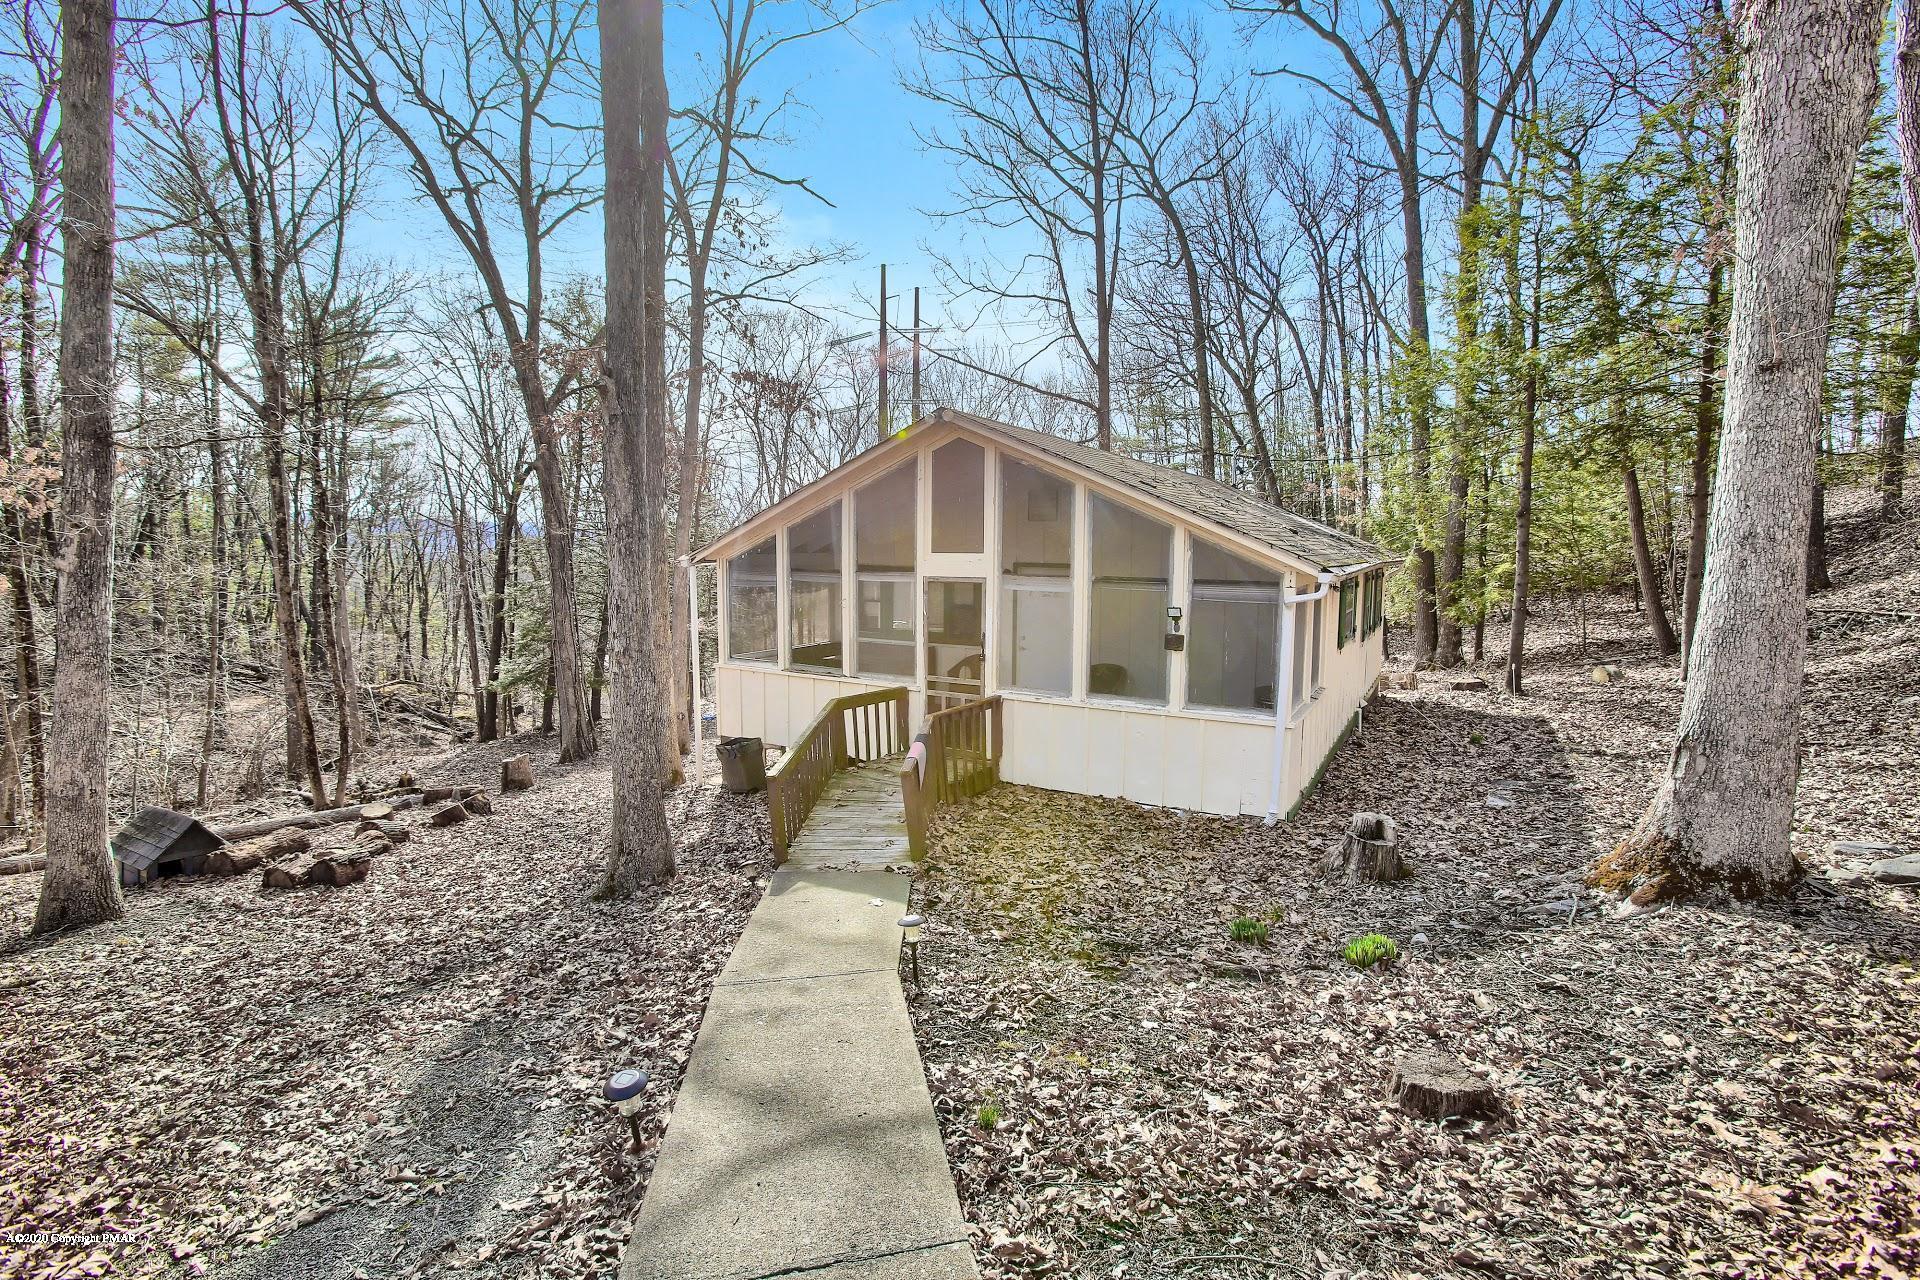 2243 Pine Ln, Bushkill, PA 18324